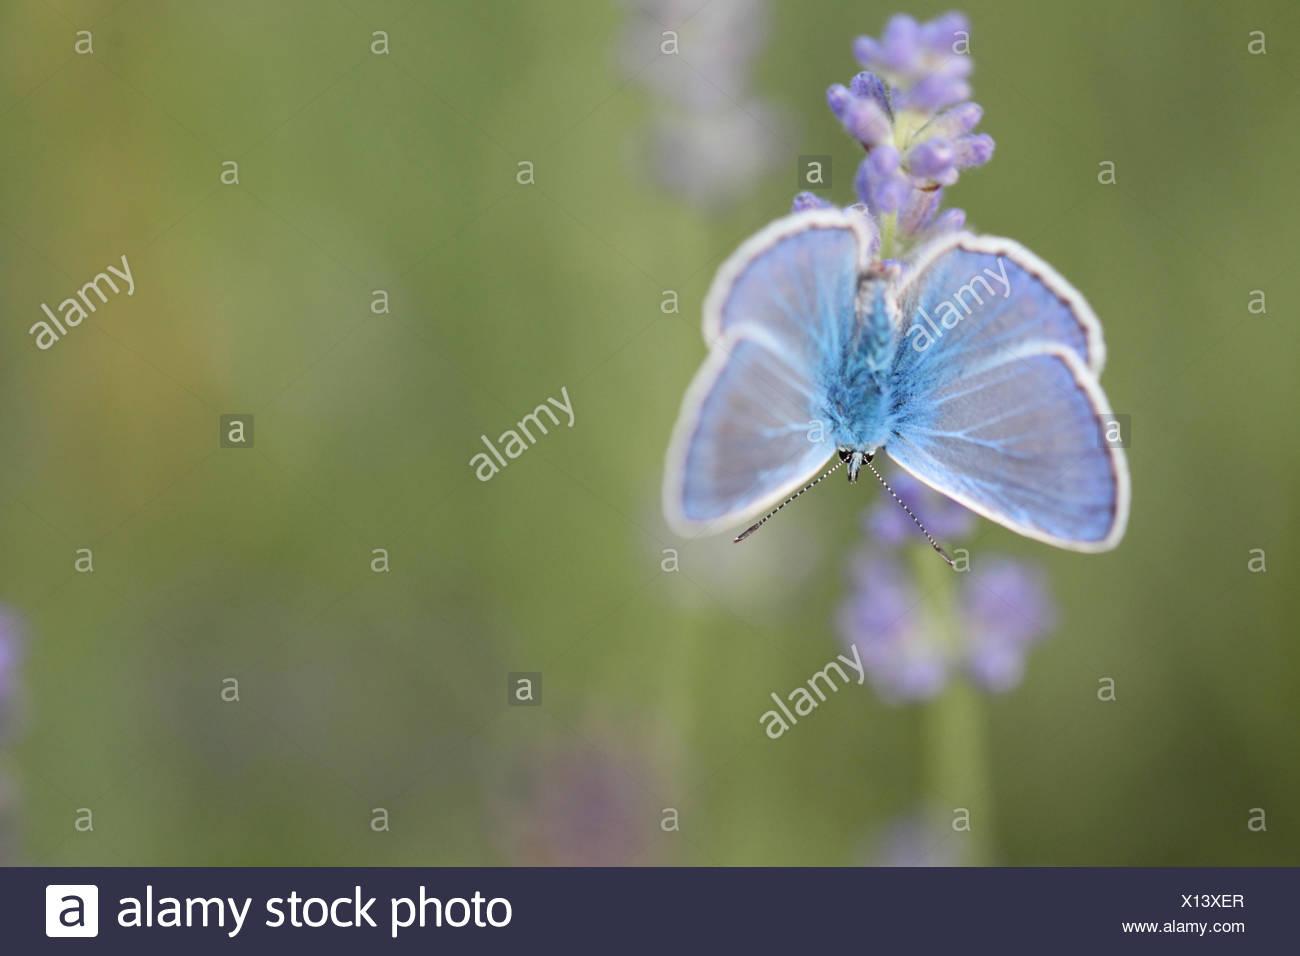 Ritratto di un comune blue butterfly, Polyommatus icarus, su di un fiore di Lavanda, Lavandula angustifolia. Immagini Stock